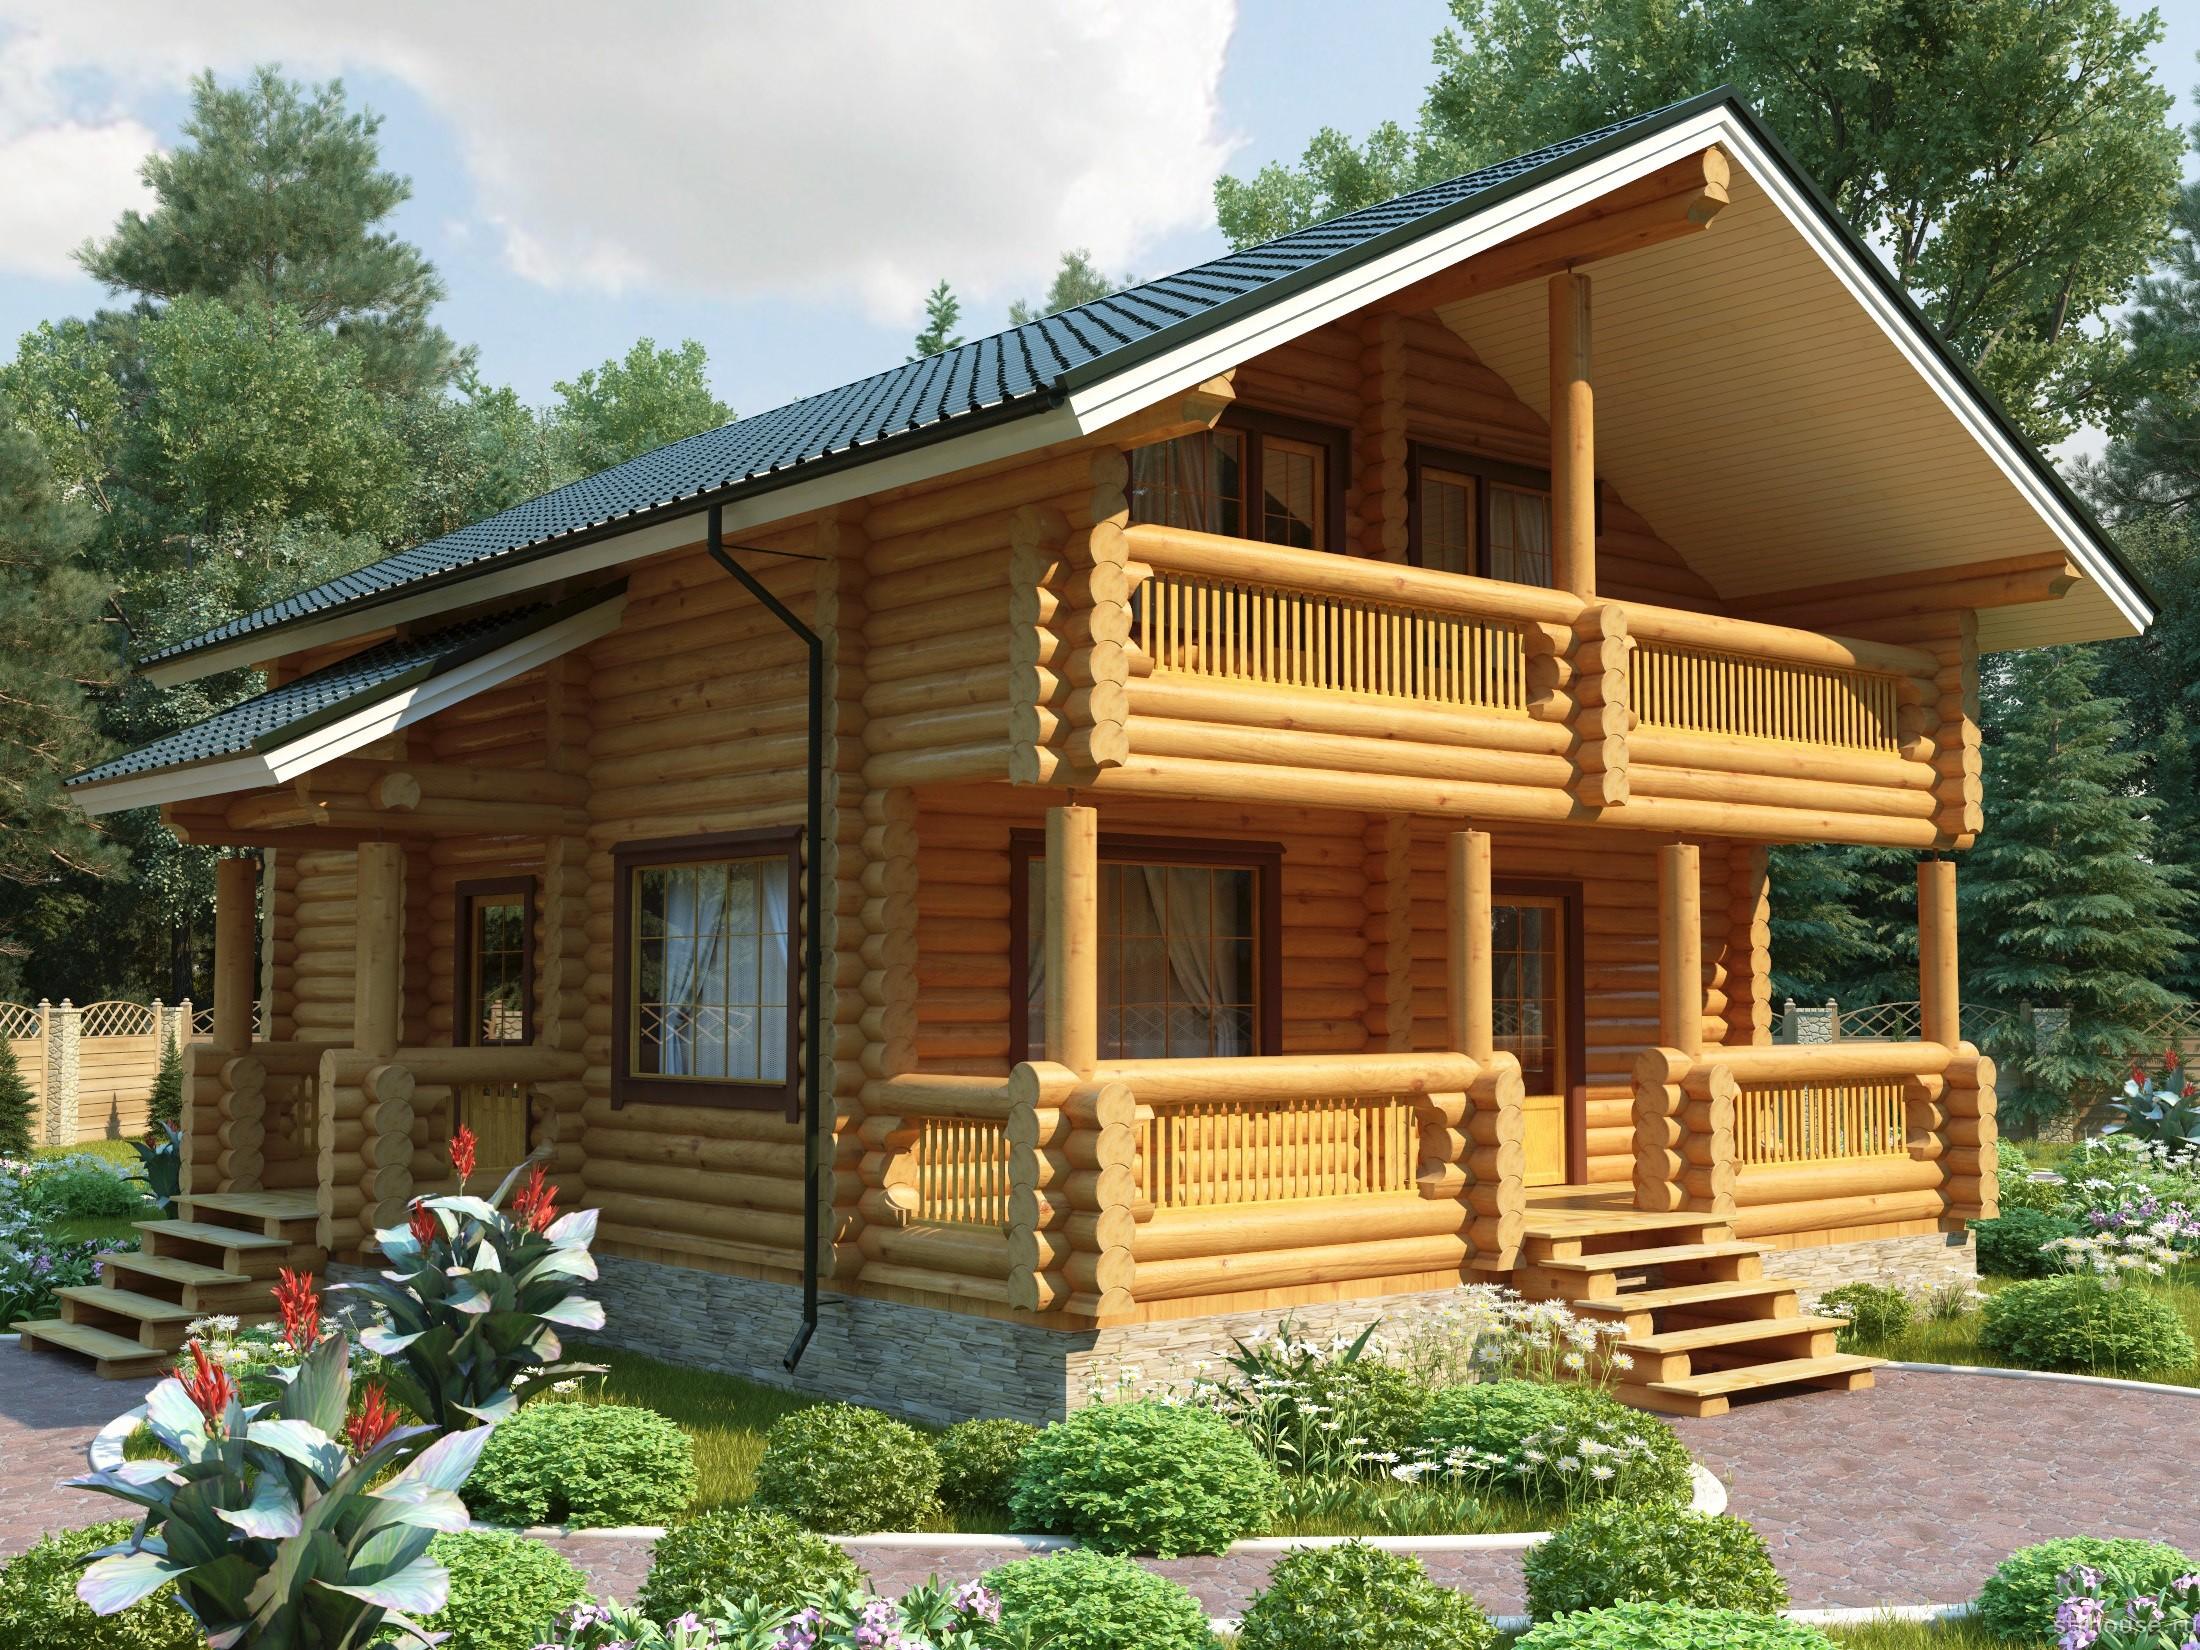 مقارنة بين الطوب والمنازل الخشبية البيوت الخشبية إيجابيات وسلبيات تتحدث كثيرا عن الشجرة لكن مع ذلك هل بيت الطوب أسوأ